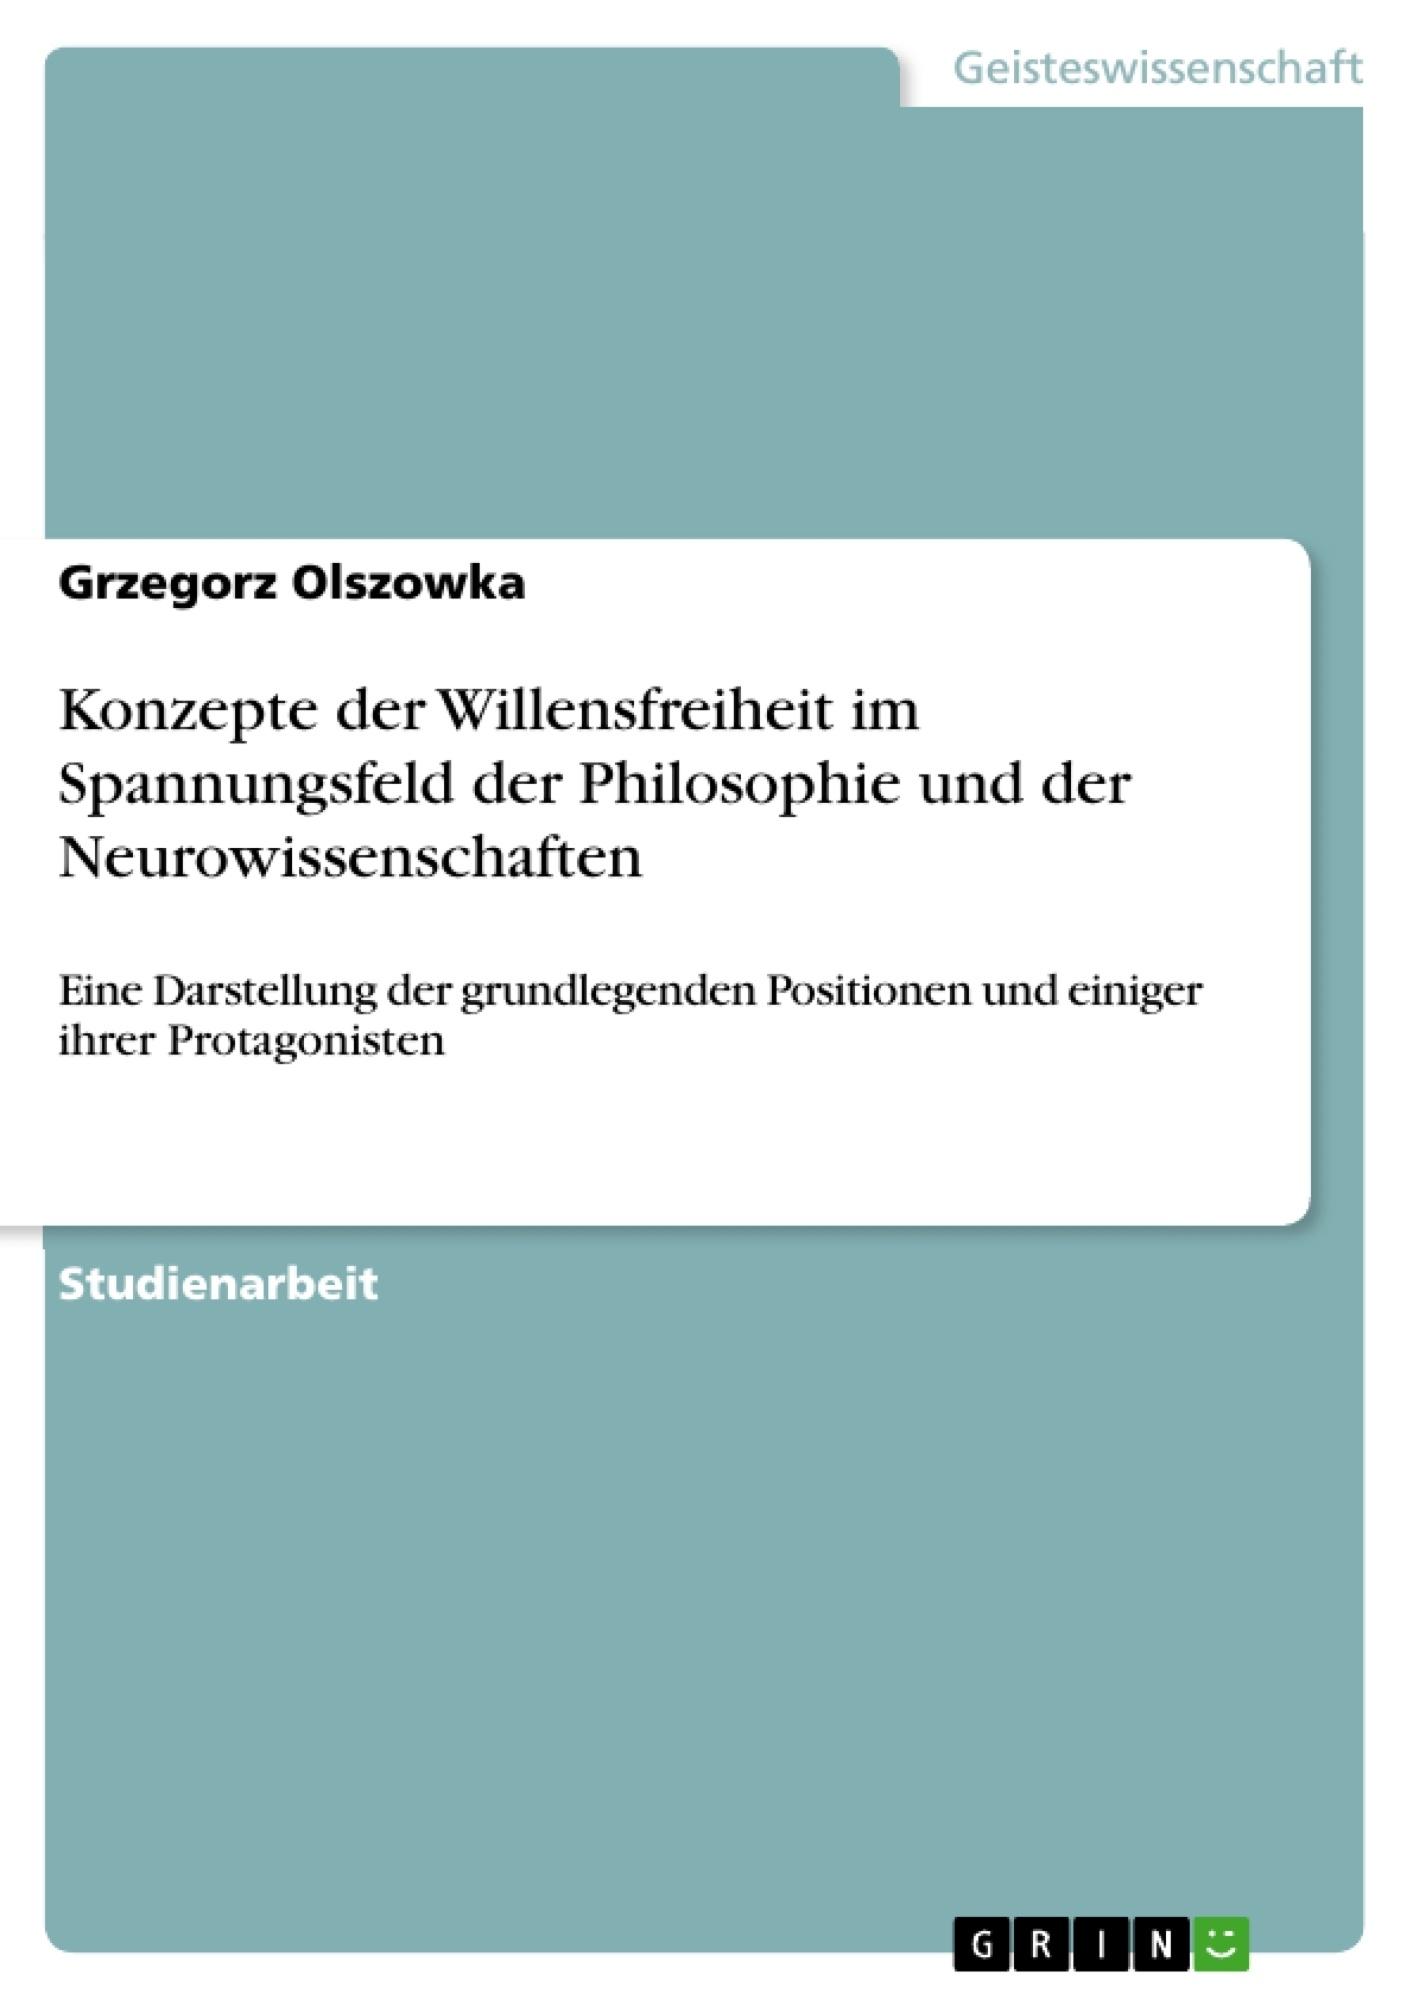 Titel: Konzepte der Willensfreiheit im Spannungsfeld der Philosophie und der Neurowissenschaften